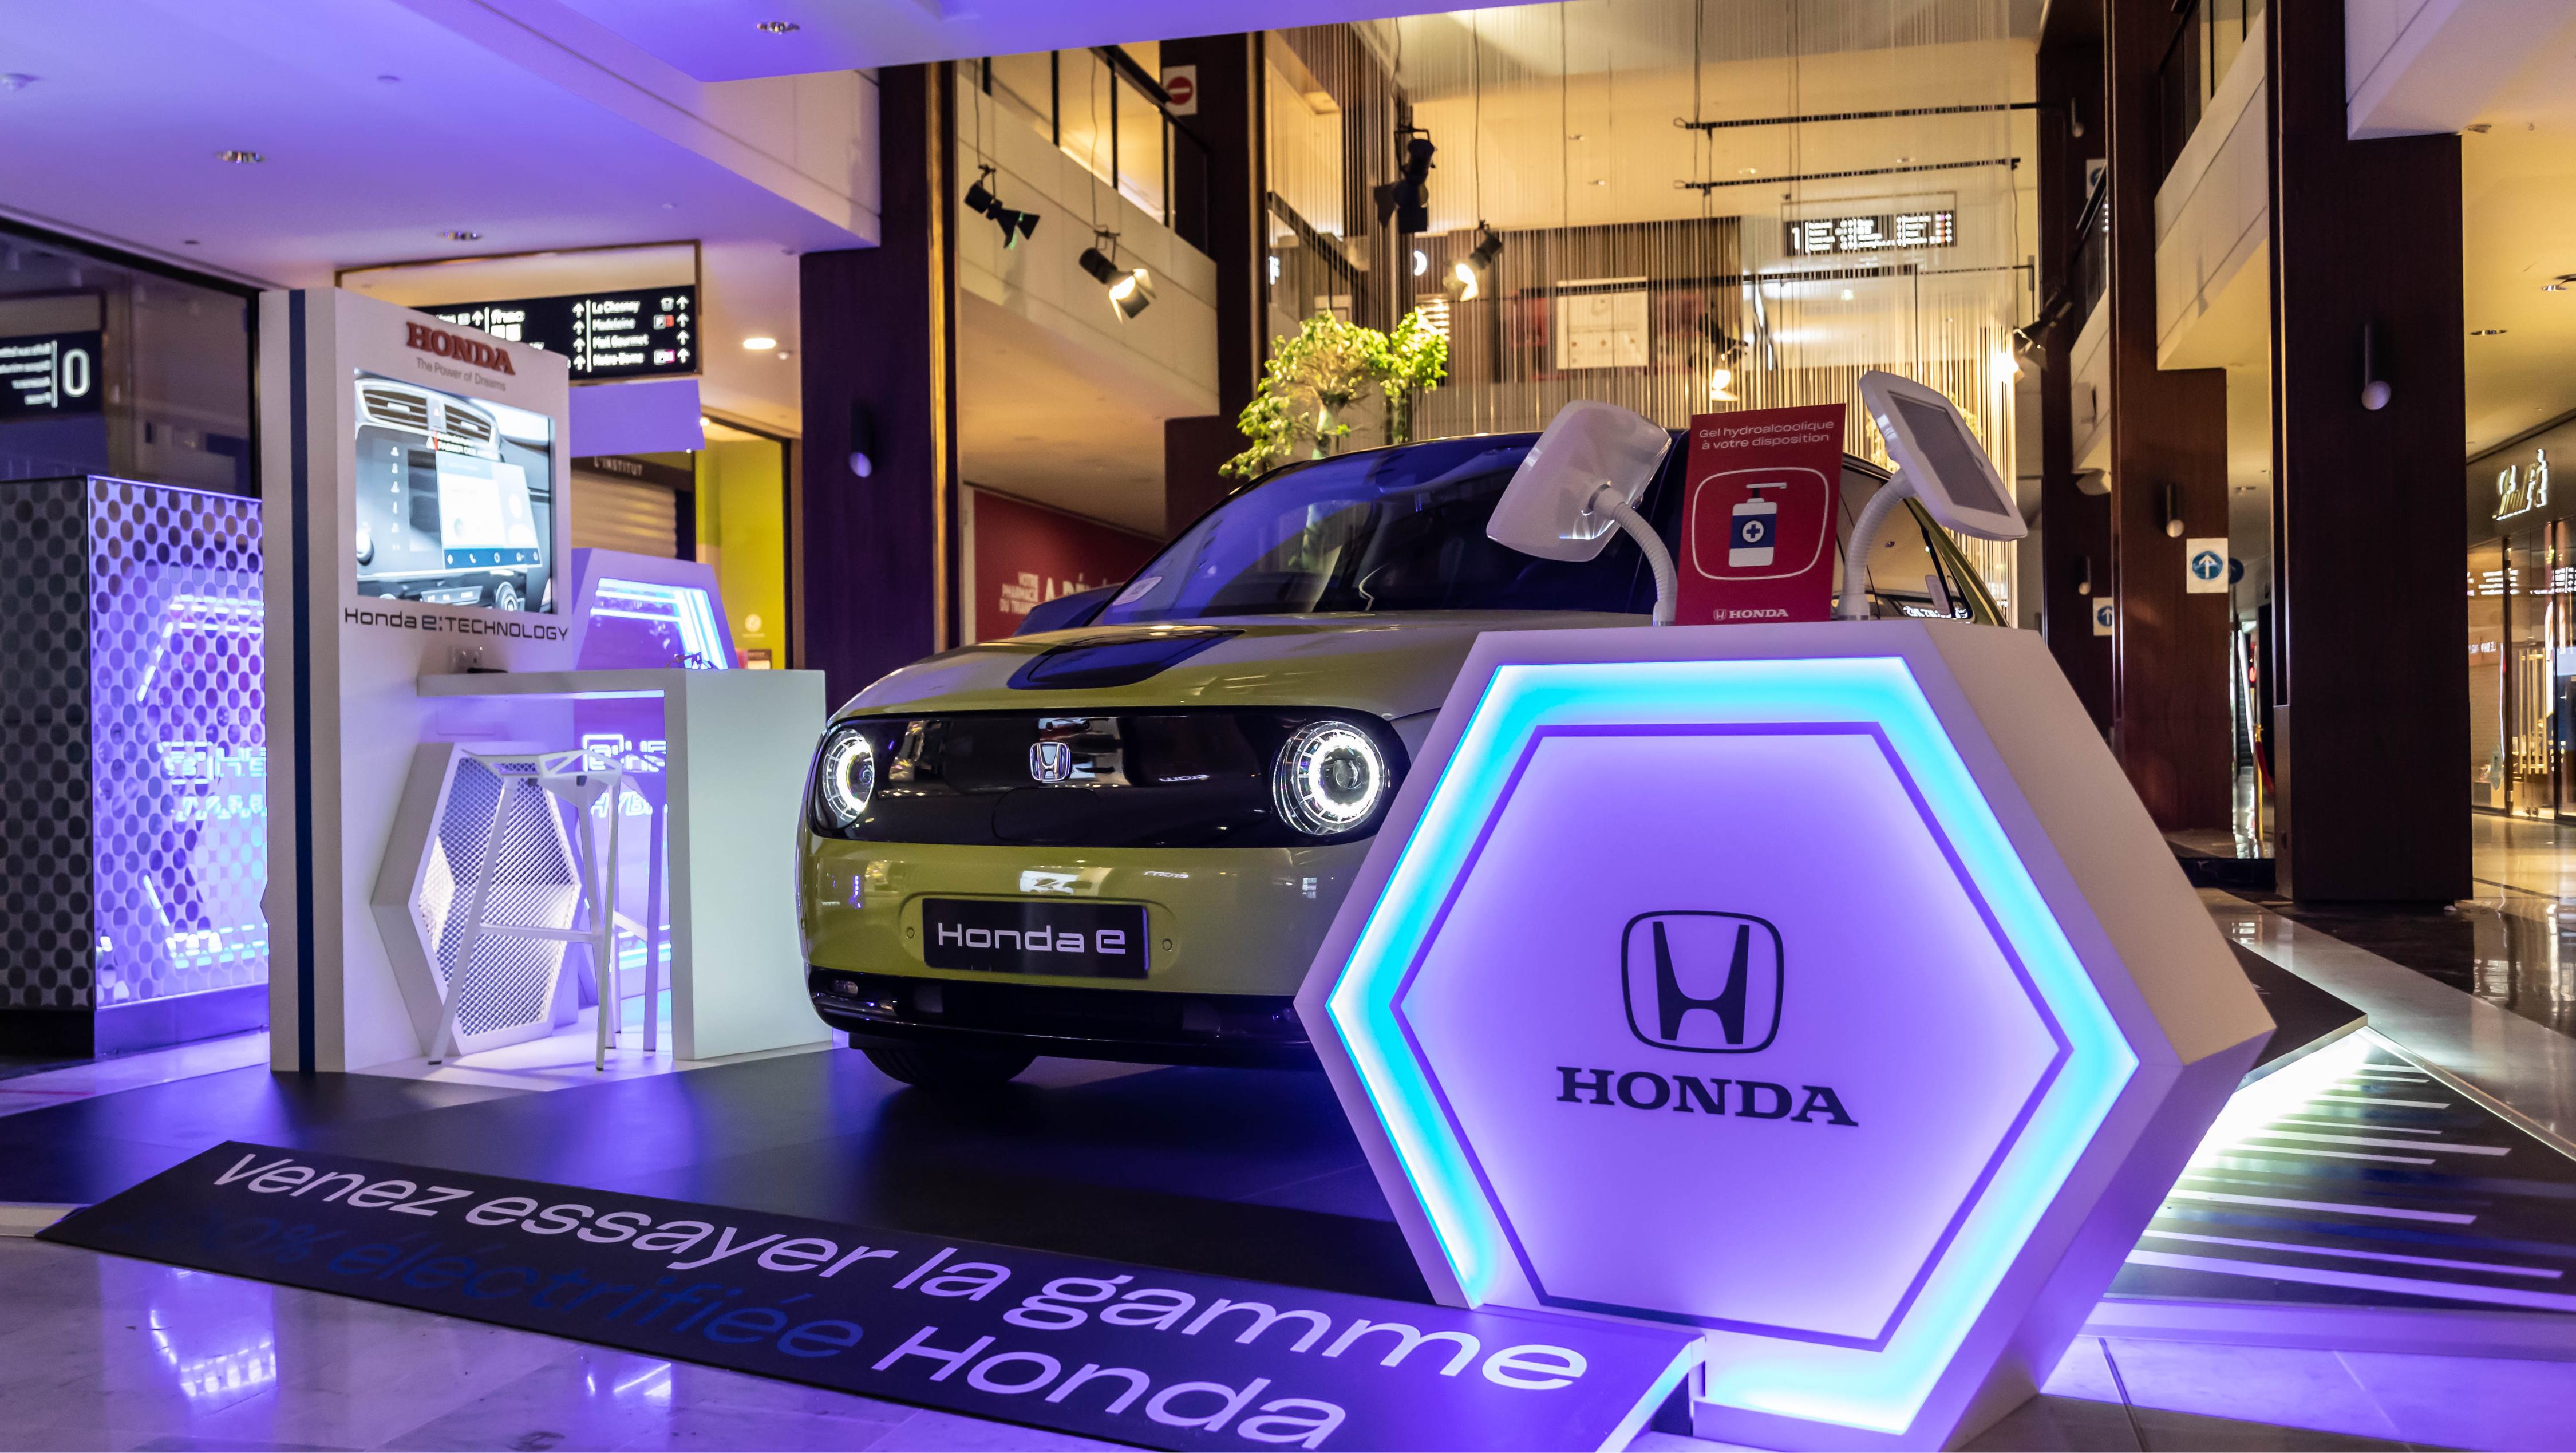 Découvrez la nouvelle gamme électrique Honda !